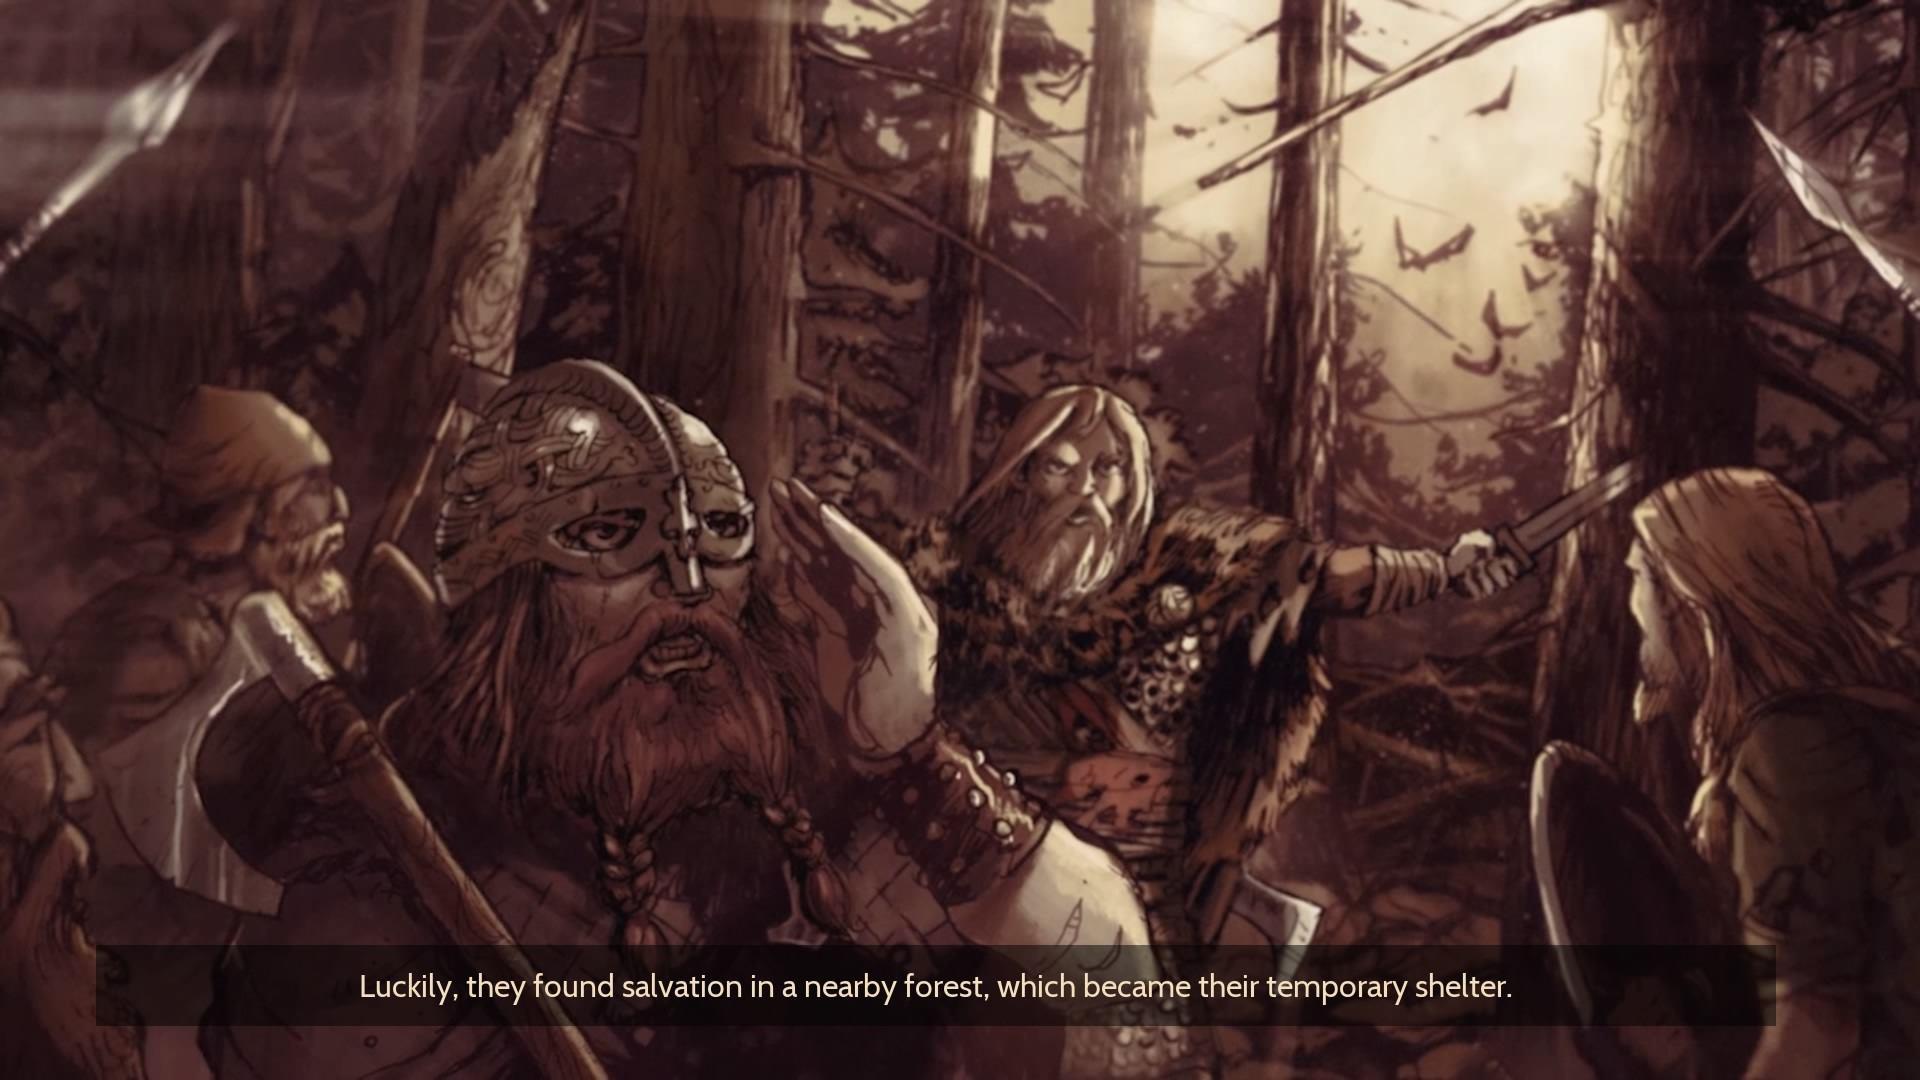 AncestorsLegacy_PS4_review11a.jpg